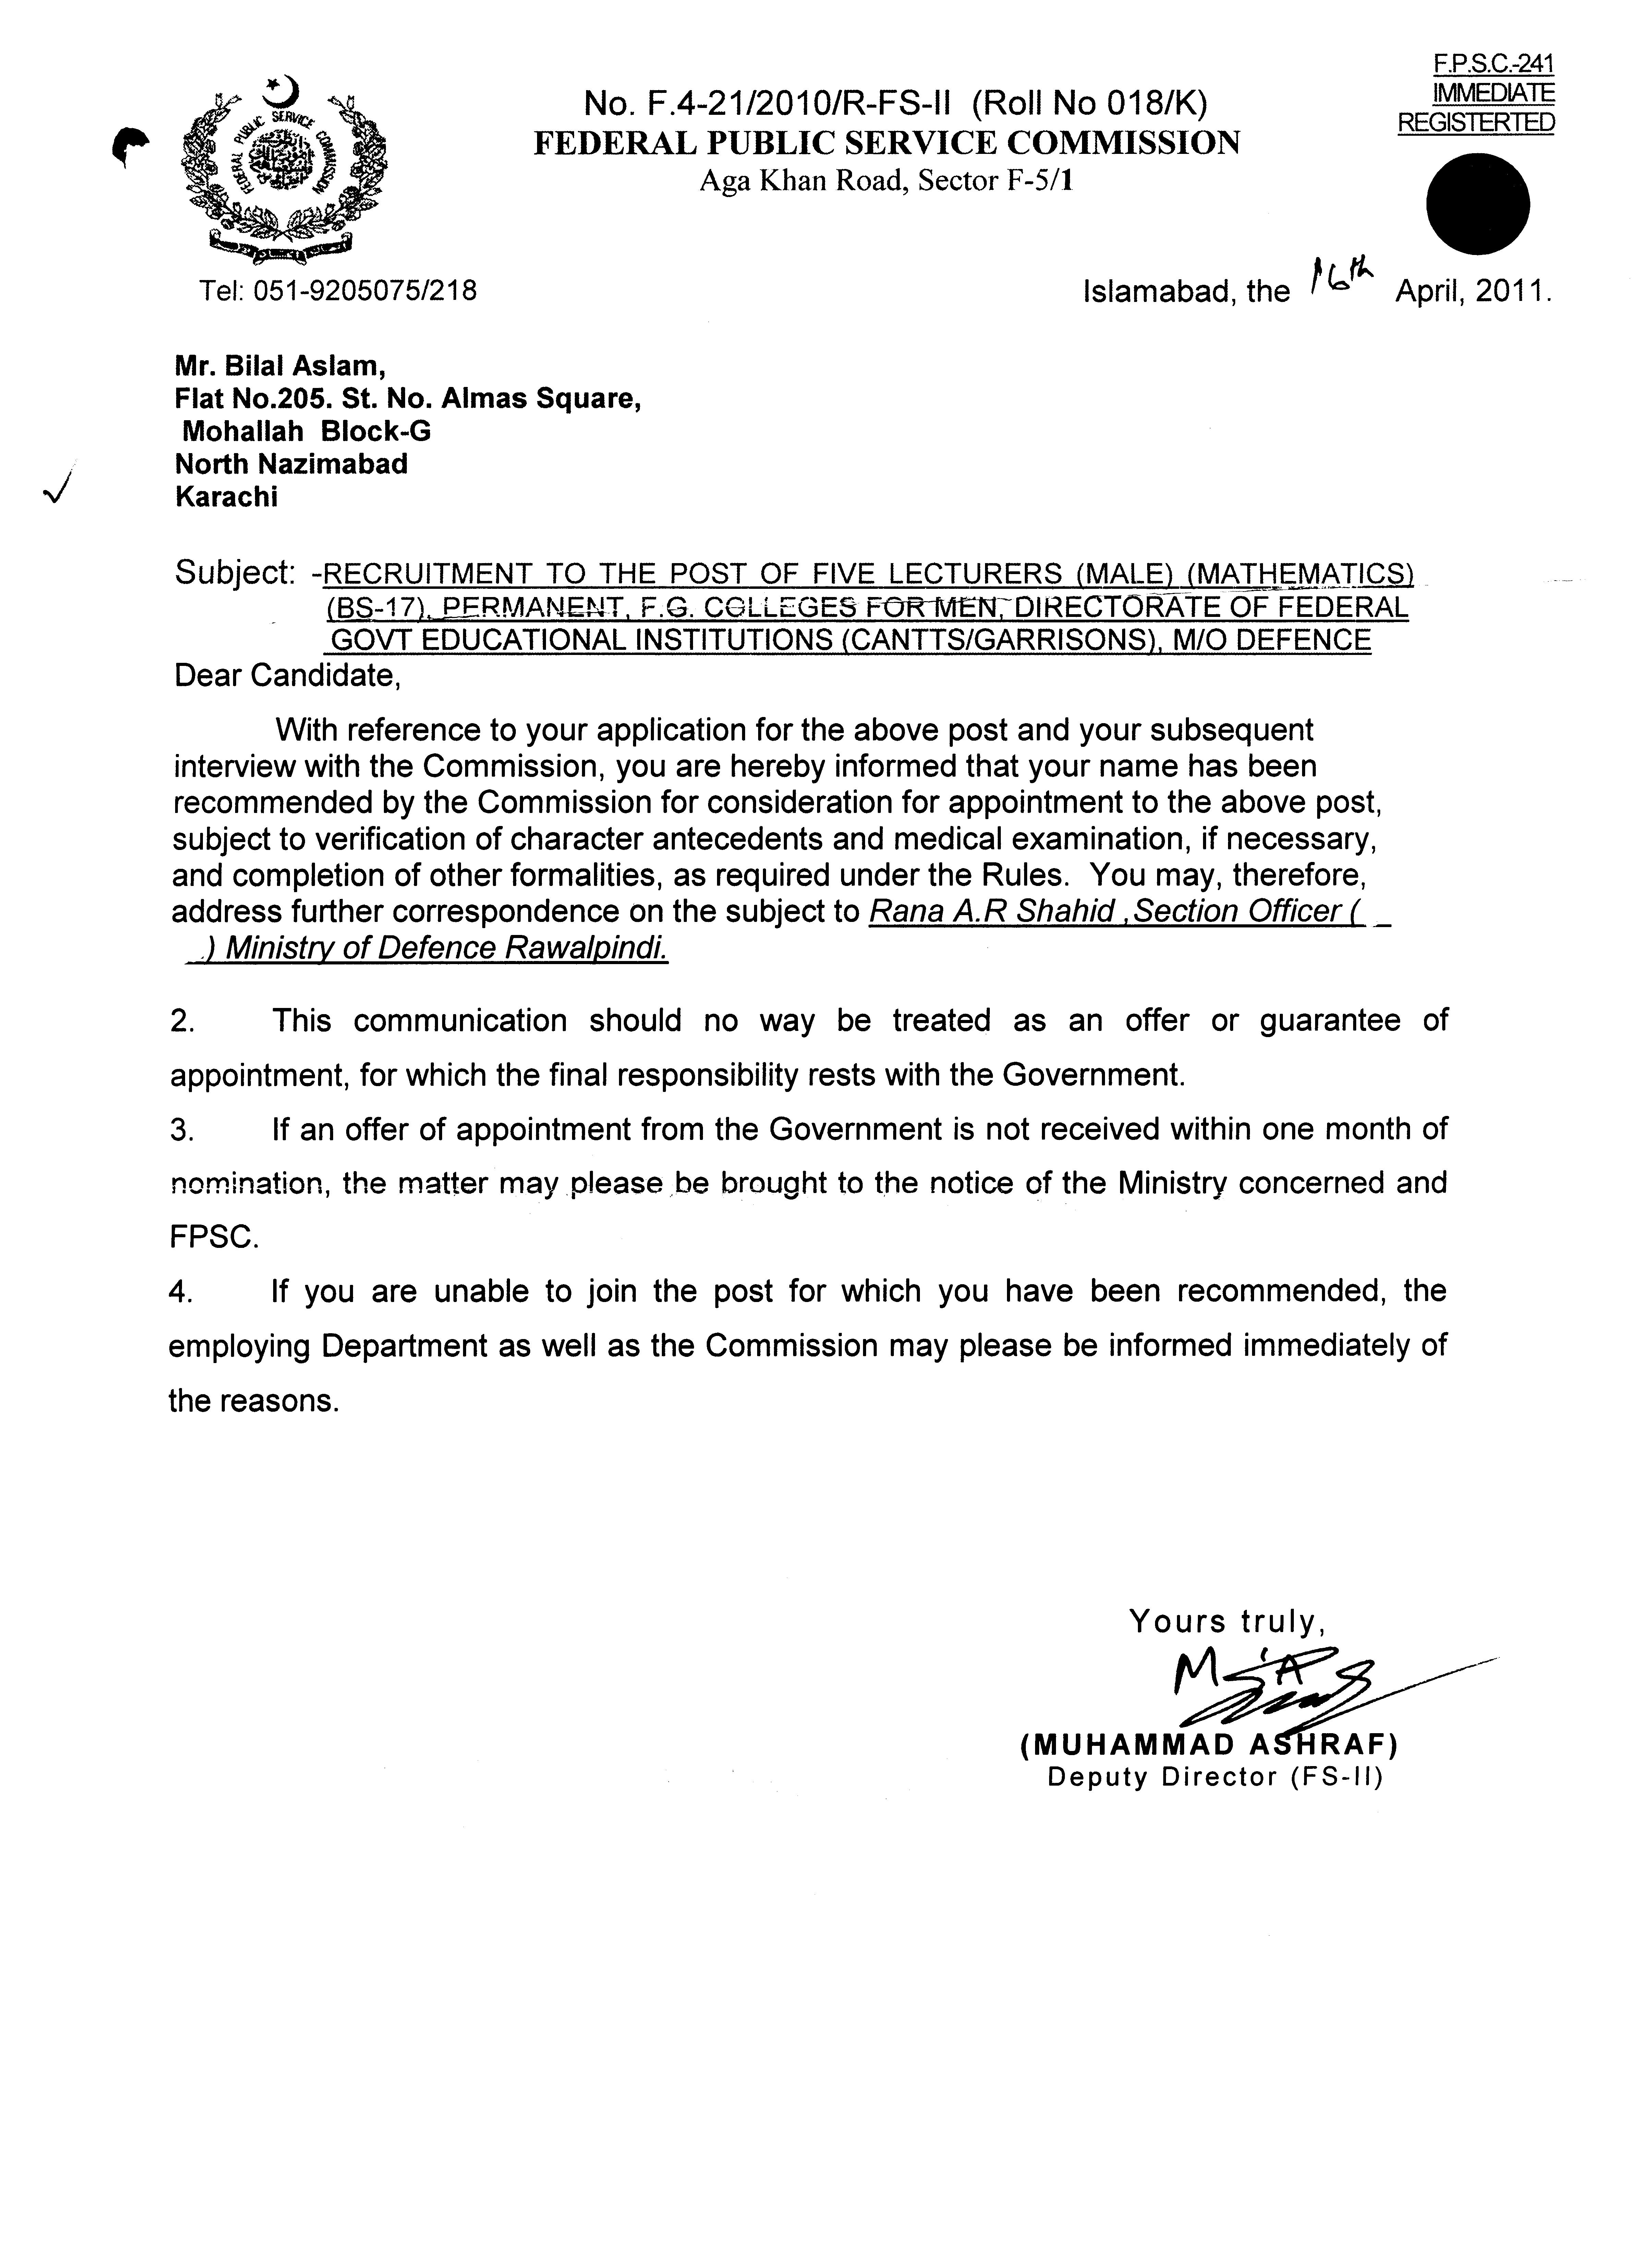 Bilal Documents